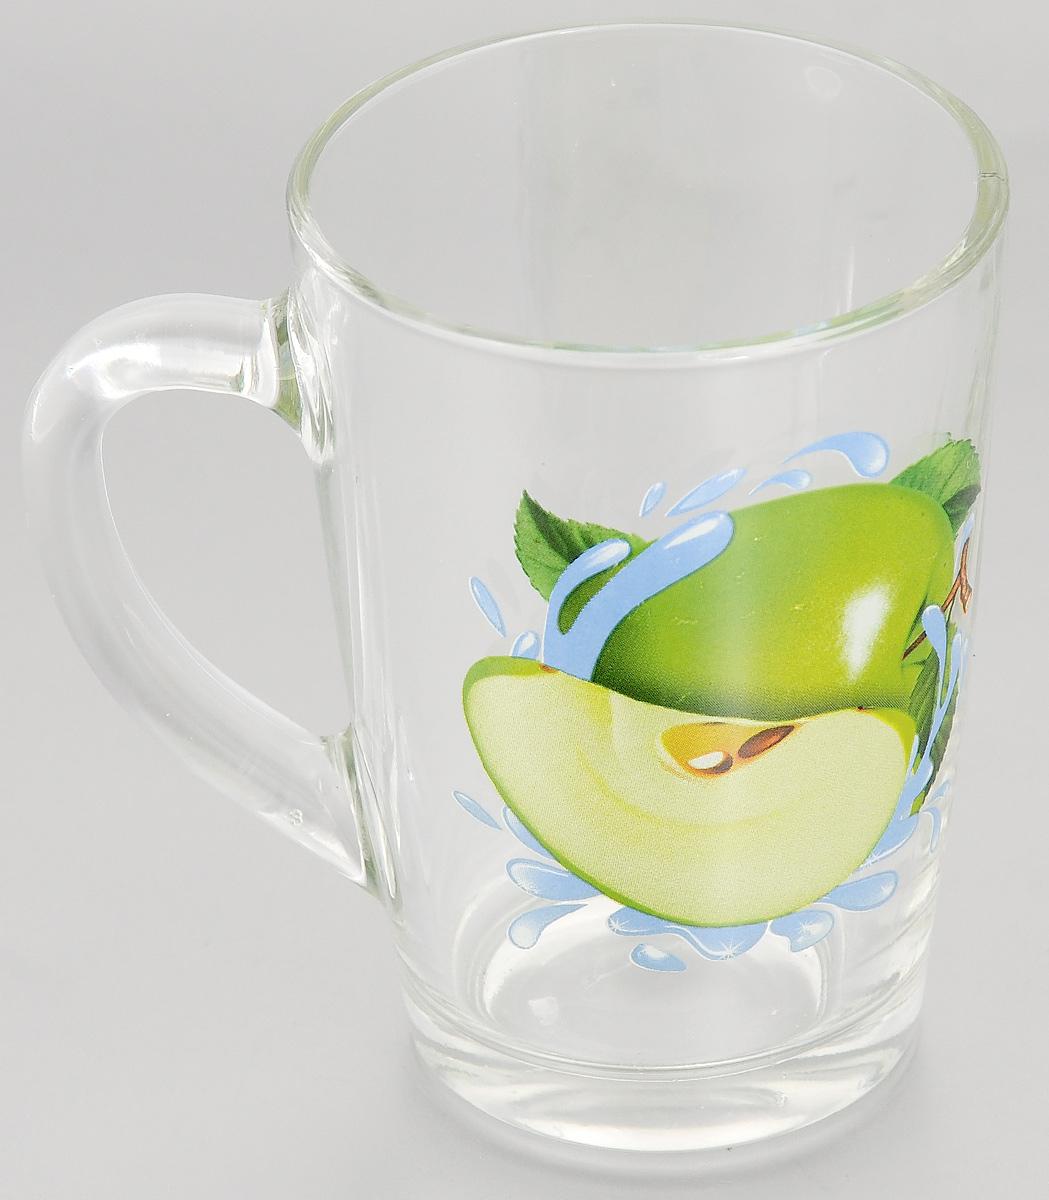 Кружка OSZ Капучино. Зеленое яблоко, 300 мл07с1334 ДЗ ЯЗКружка OSZ Капучино. Зеленое яблоко изготовлена из стекла и украшена ярким рисунком. Изделие оснащено удобной ручкой и сочетает в себе лаконичный дизайн и функциональность. Кружка OSZ Капучино. Зеленое яблоко не только украсит ваш кухонный стол, но и подчеркнет прекрасный вкус хозяйки. Диаметр кружки (по верхнему краю): 7,8 см.